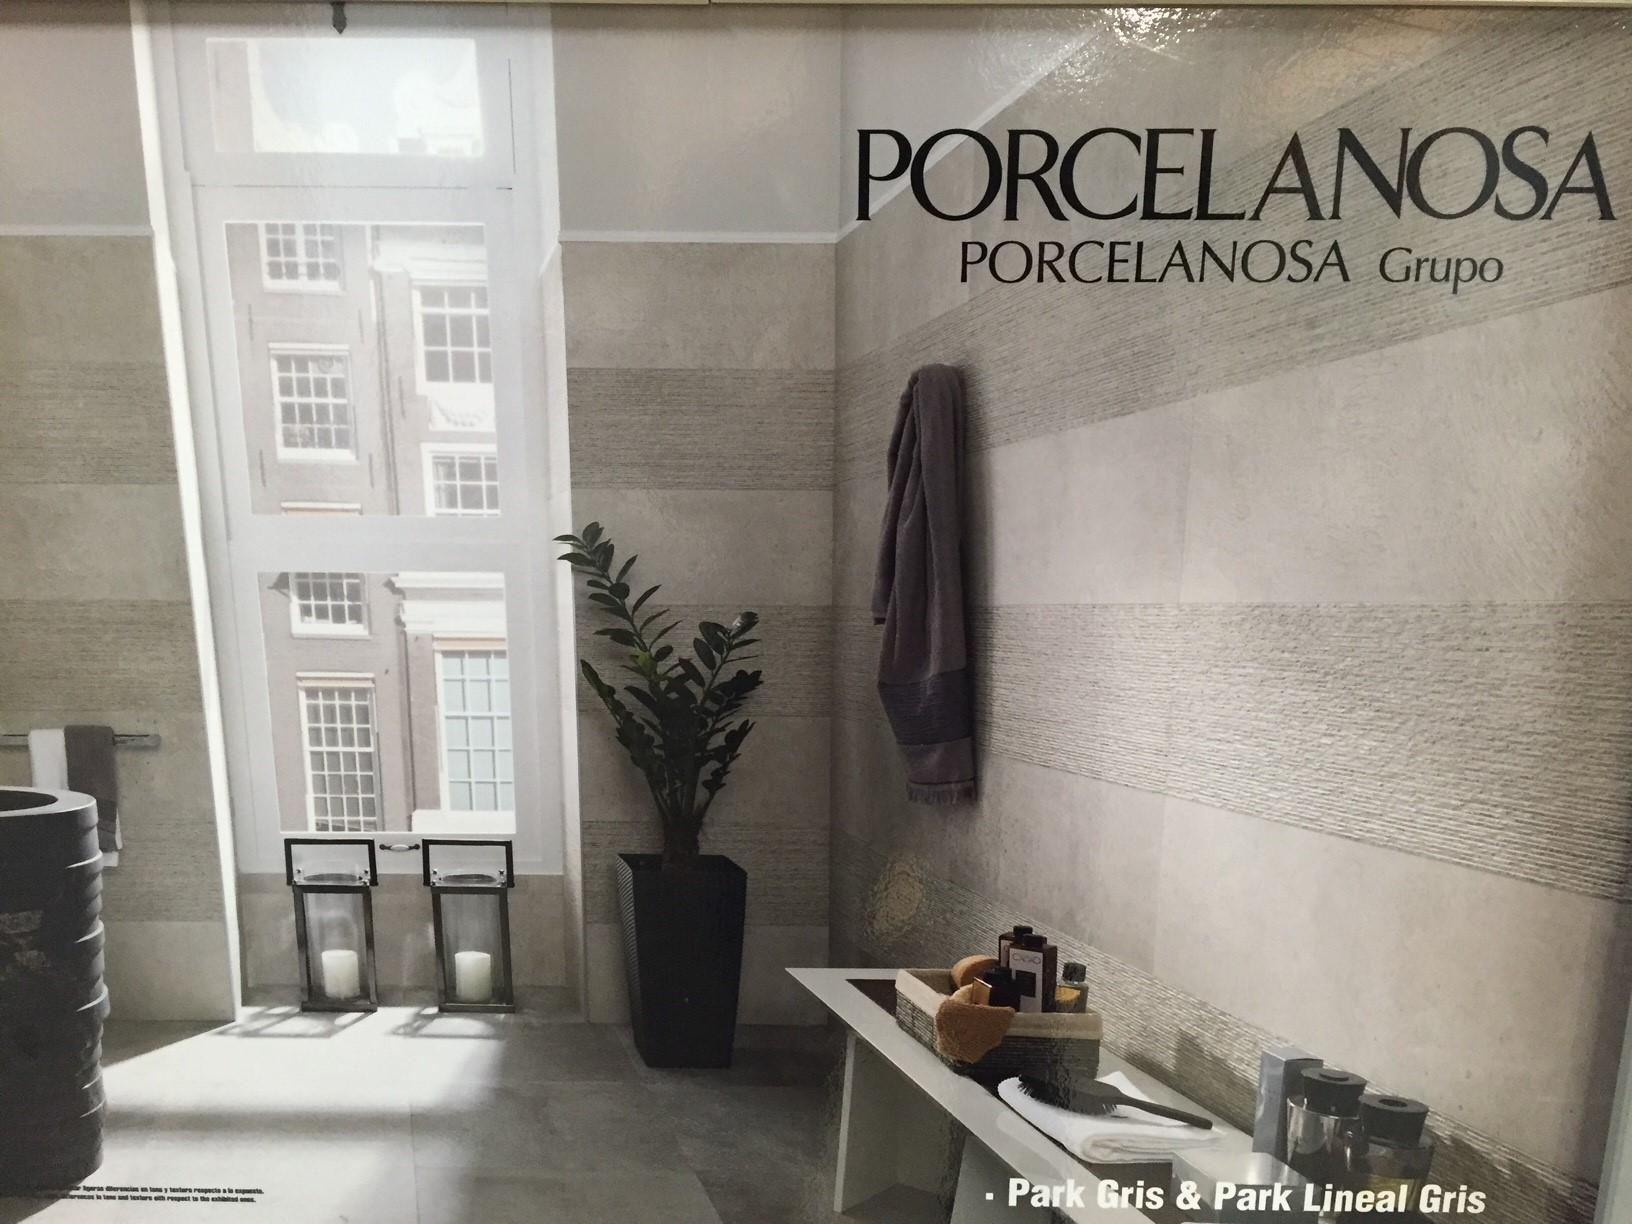 park gris floor tile 44 3 44 3 tiles 2 go ltd. Black Bedroom Furniture Sets. Home Design Ideas